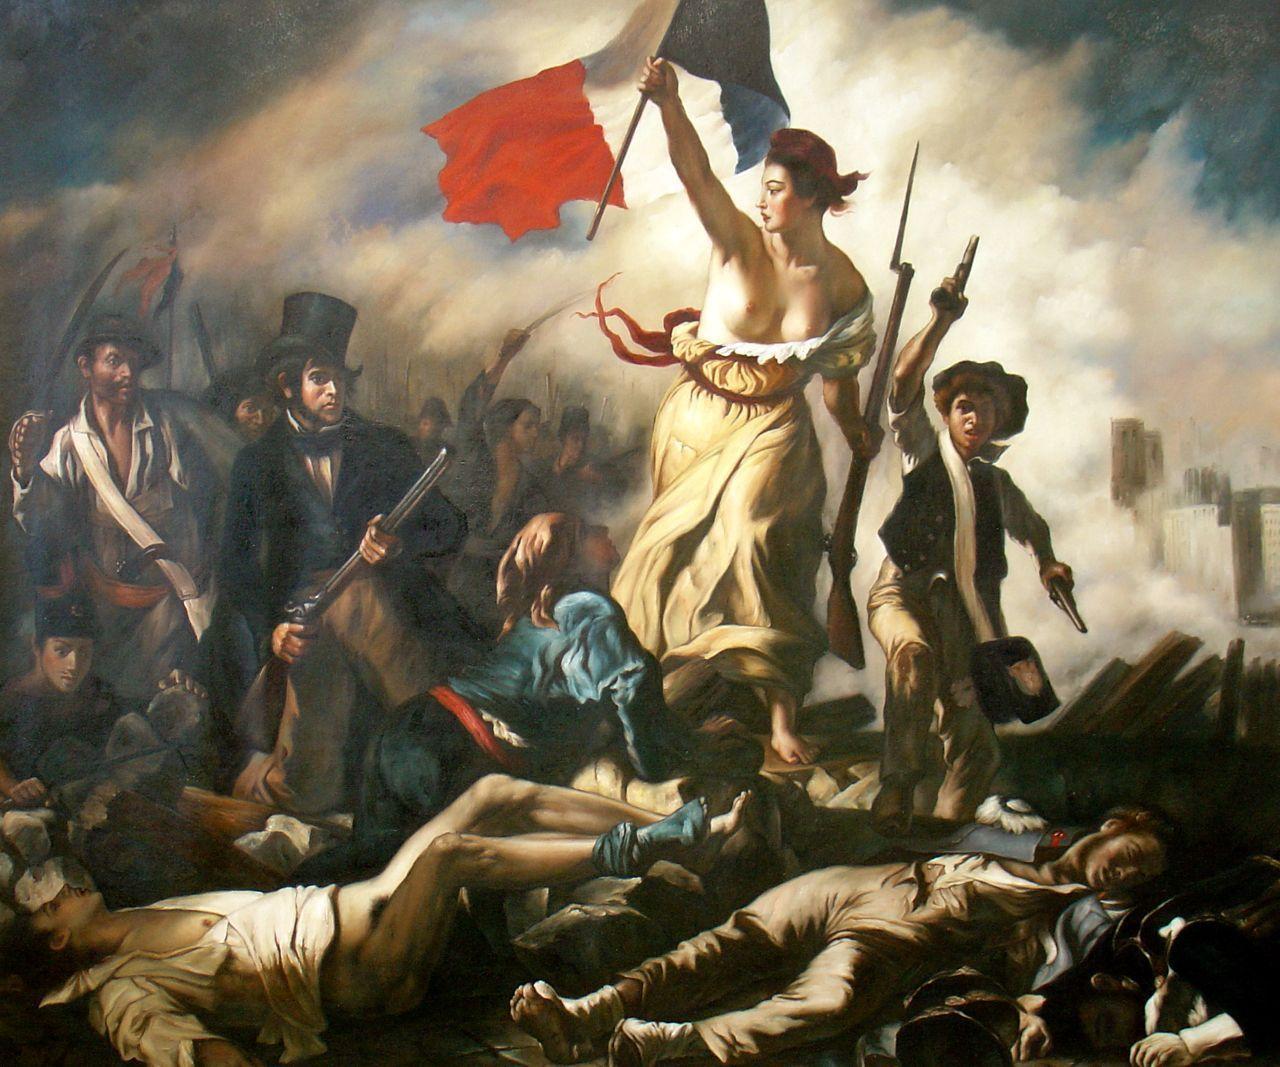 Eugene Delacroix, La Liberté guidant le peuple, 1830 Image via Konbini